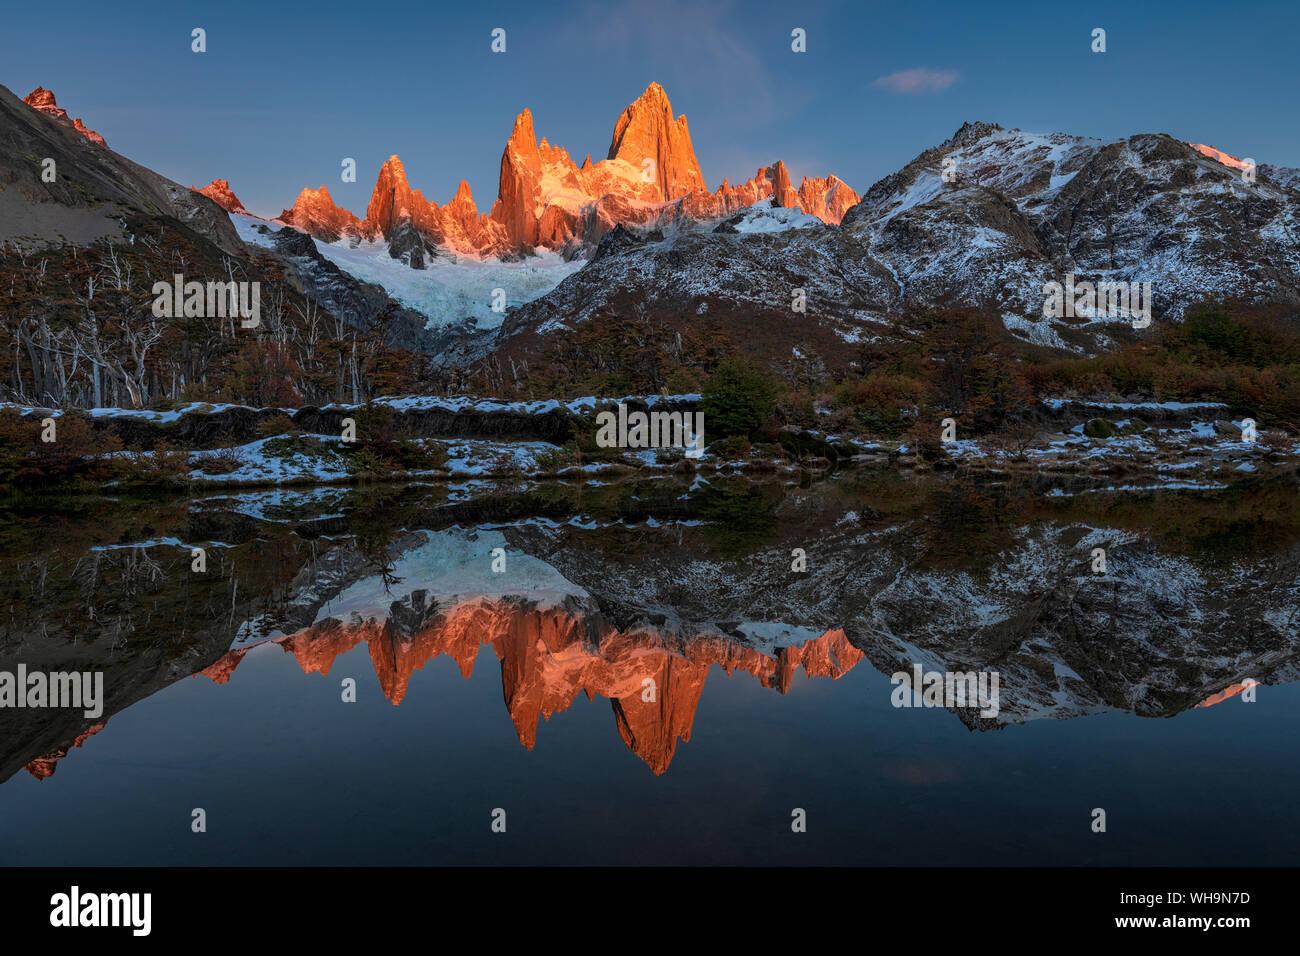 Cordillera con el Cerro Fitz Roy al amanecer reflejado, el Parque Nacional Los Glaciares, declarado Patrimonio de la Humanidad por la UNESCO, El Chalten, Argentina, Sudamérica Foto de stock